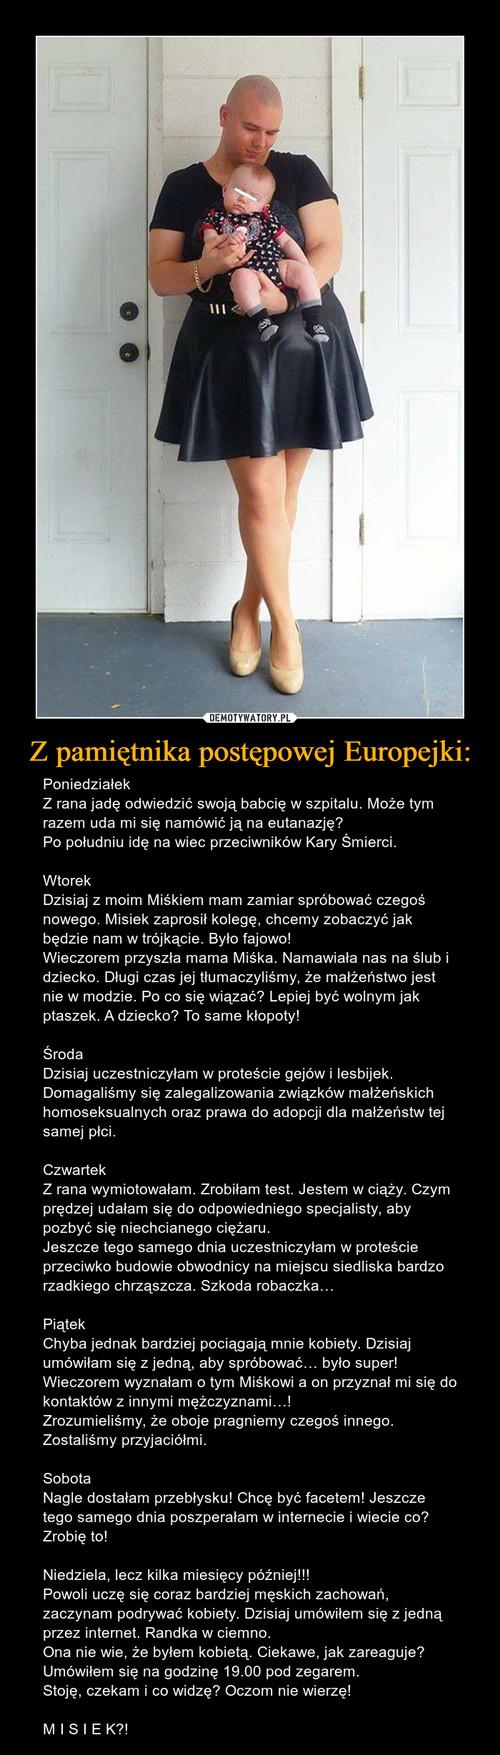 Z pamiętnika postępowej Europejki: